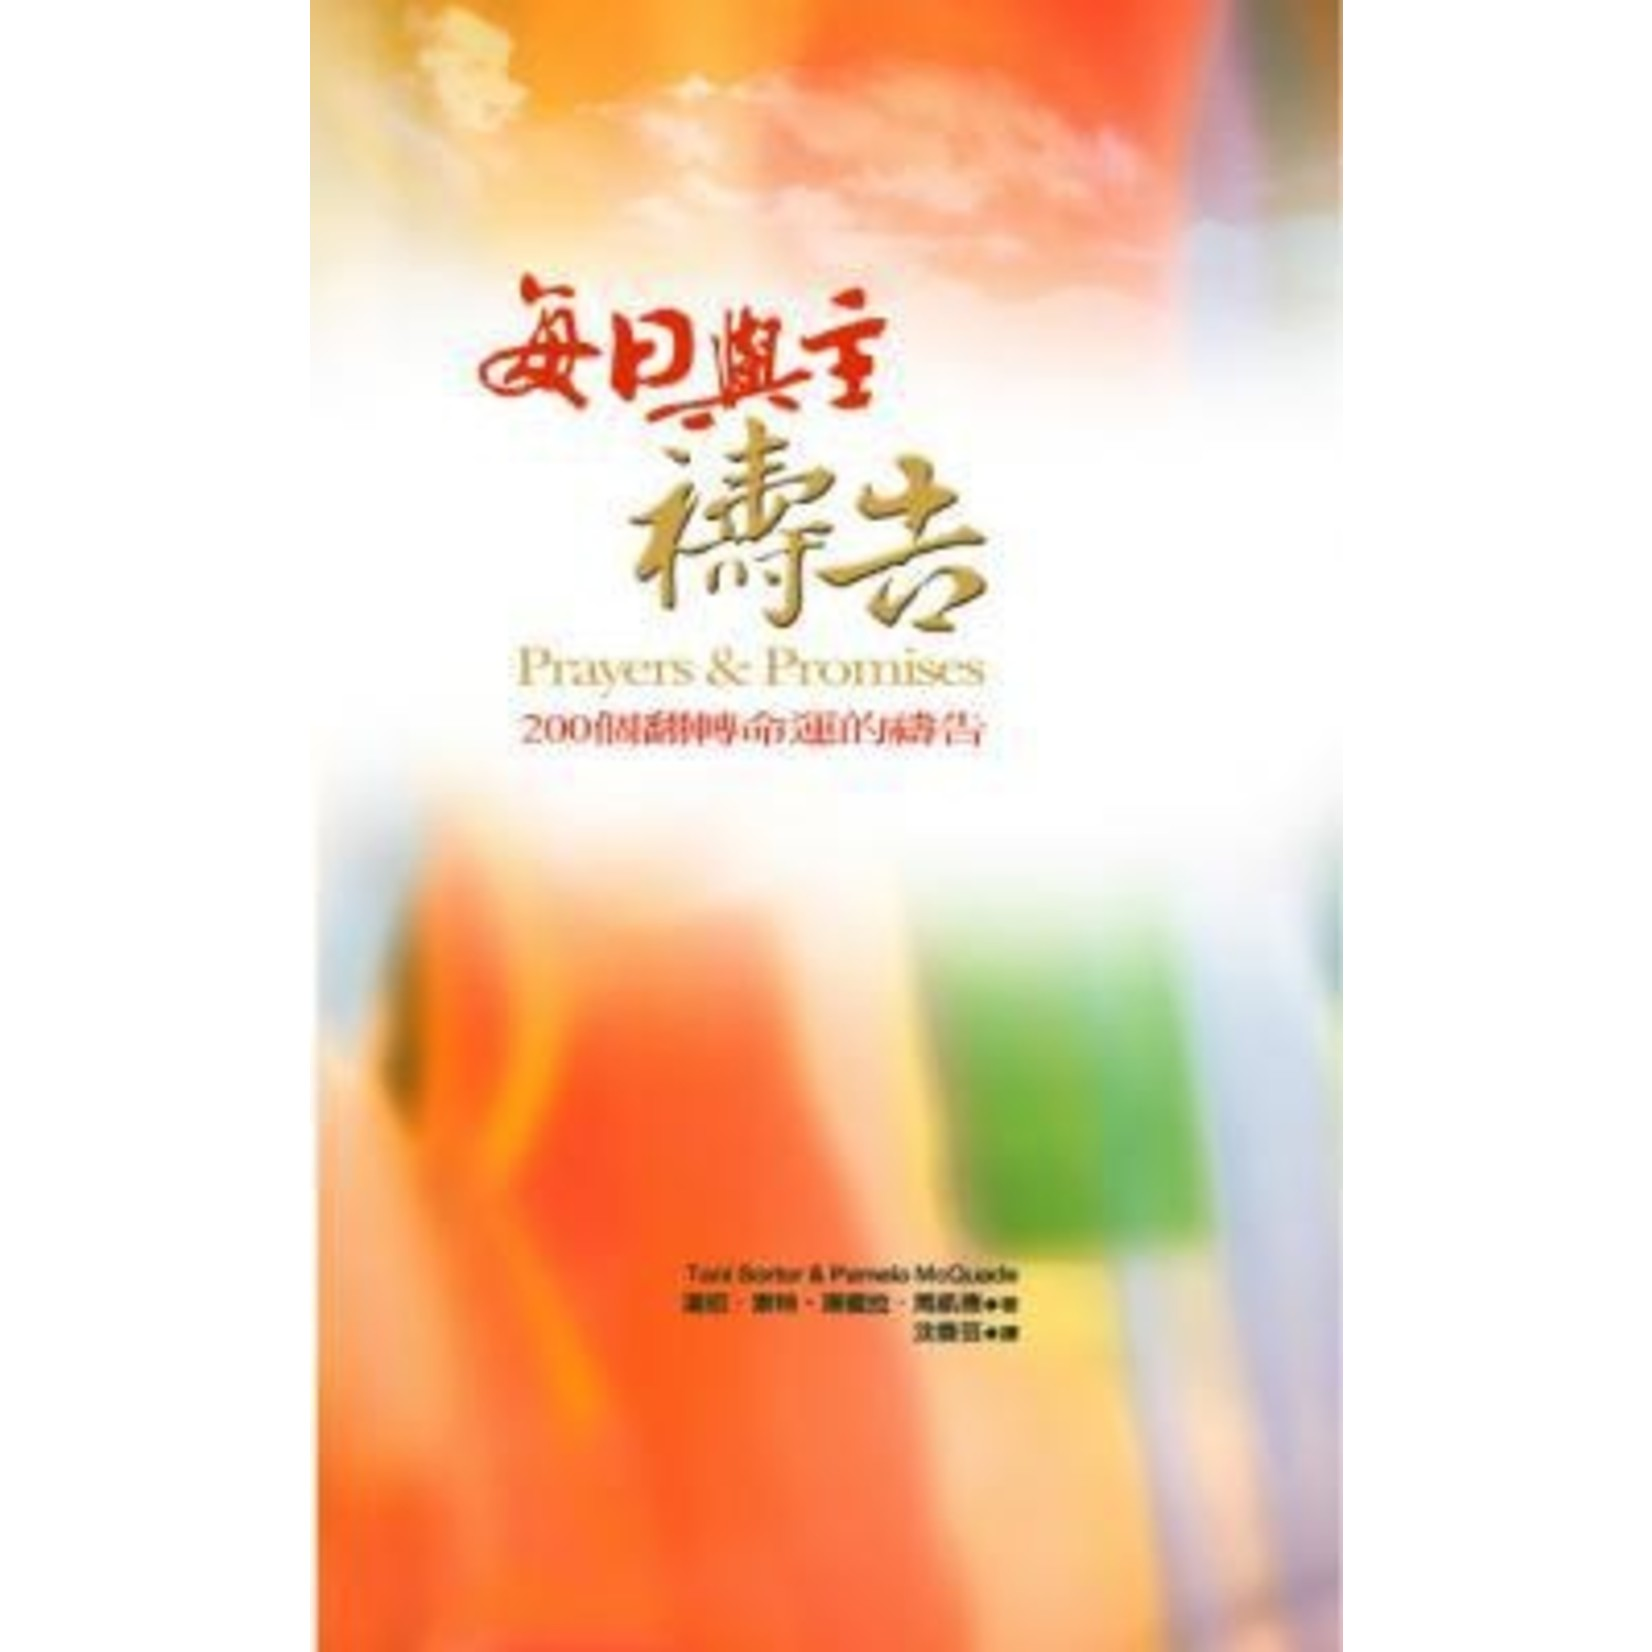 保羅文化 Paul Publishing 每日與主禱告:200個翻轉命運的禱告 Prayers & Promise